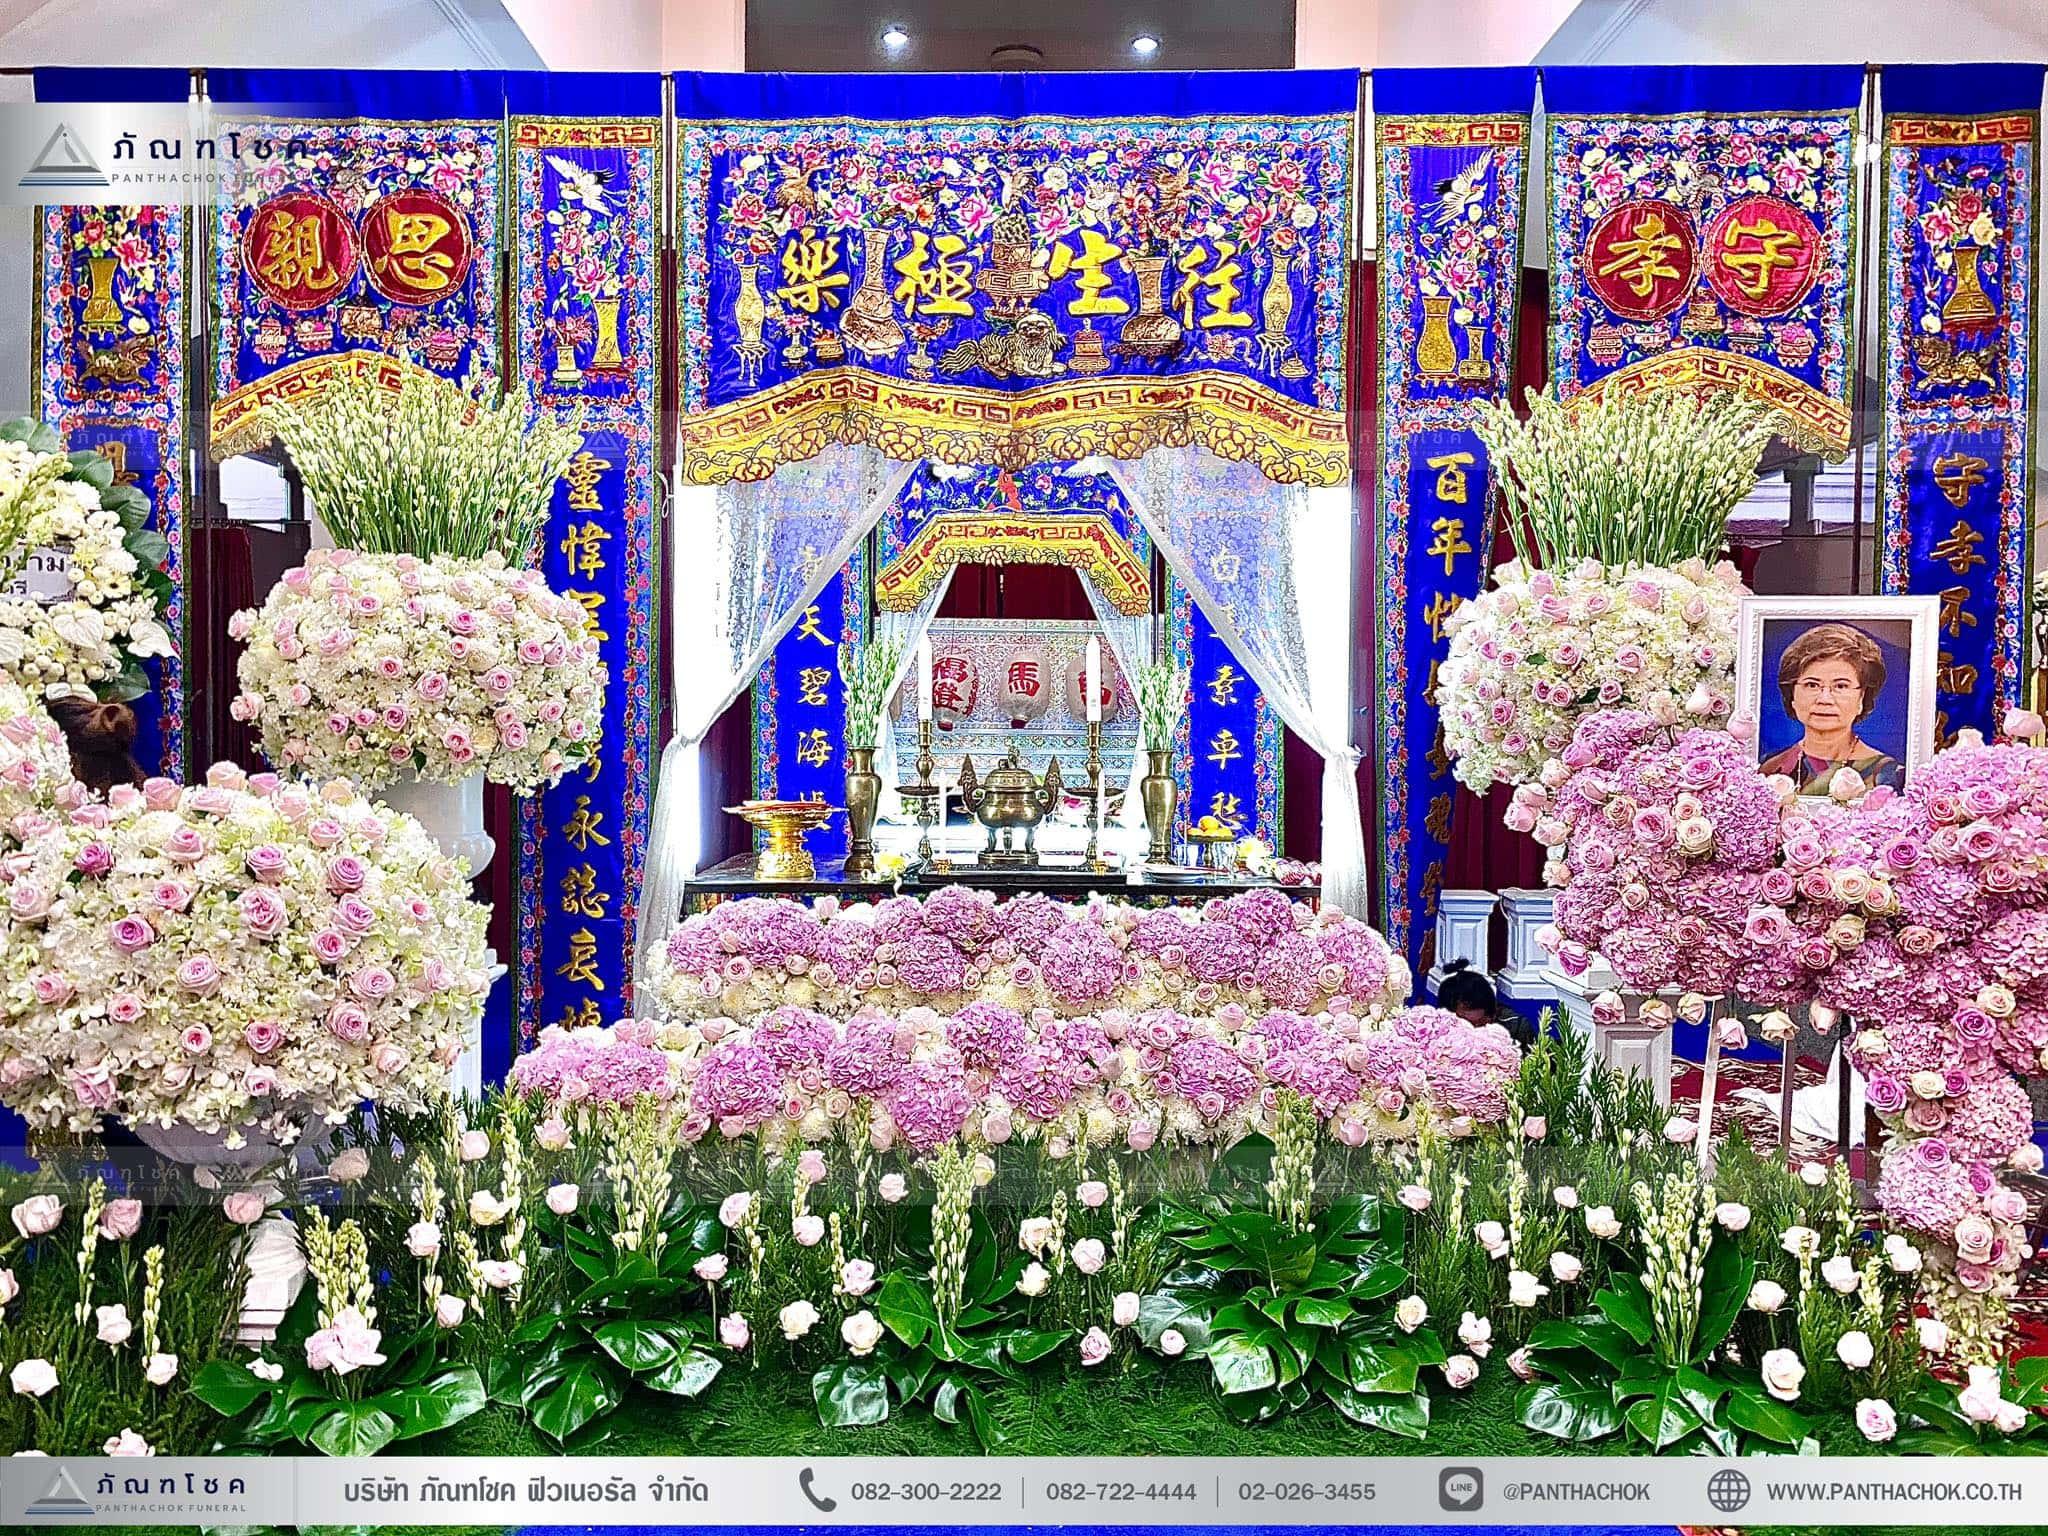 ดอกไม้งานศพเพชรบุรี พุ่มดอกไม้งานศพ